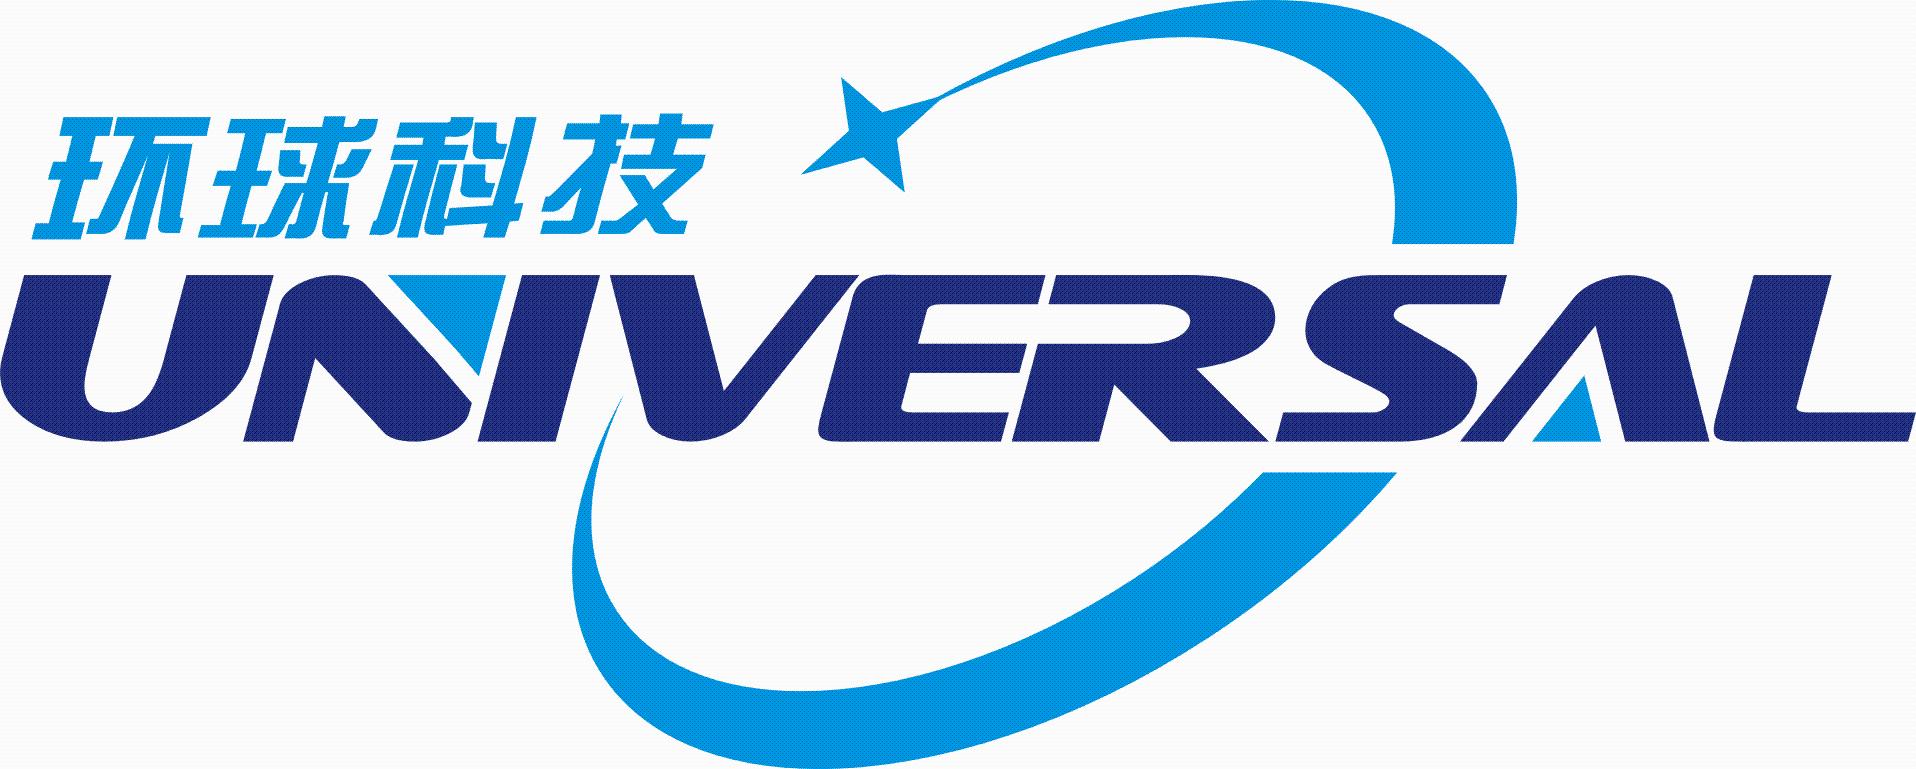 环球嘉博即将亮相OFweek2018(第五届)中国激光在线展会